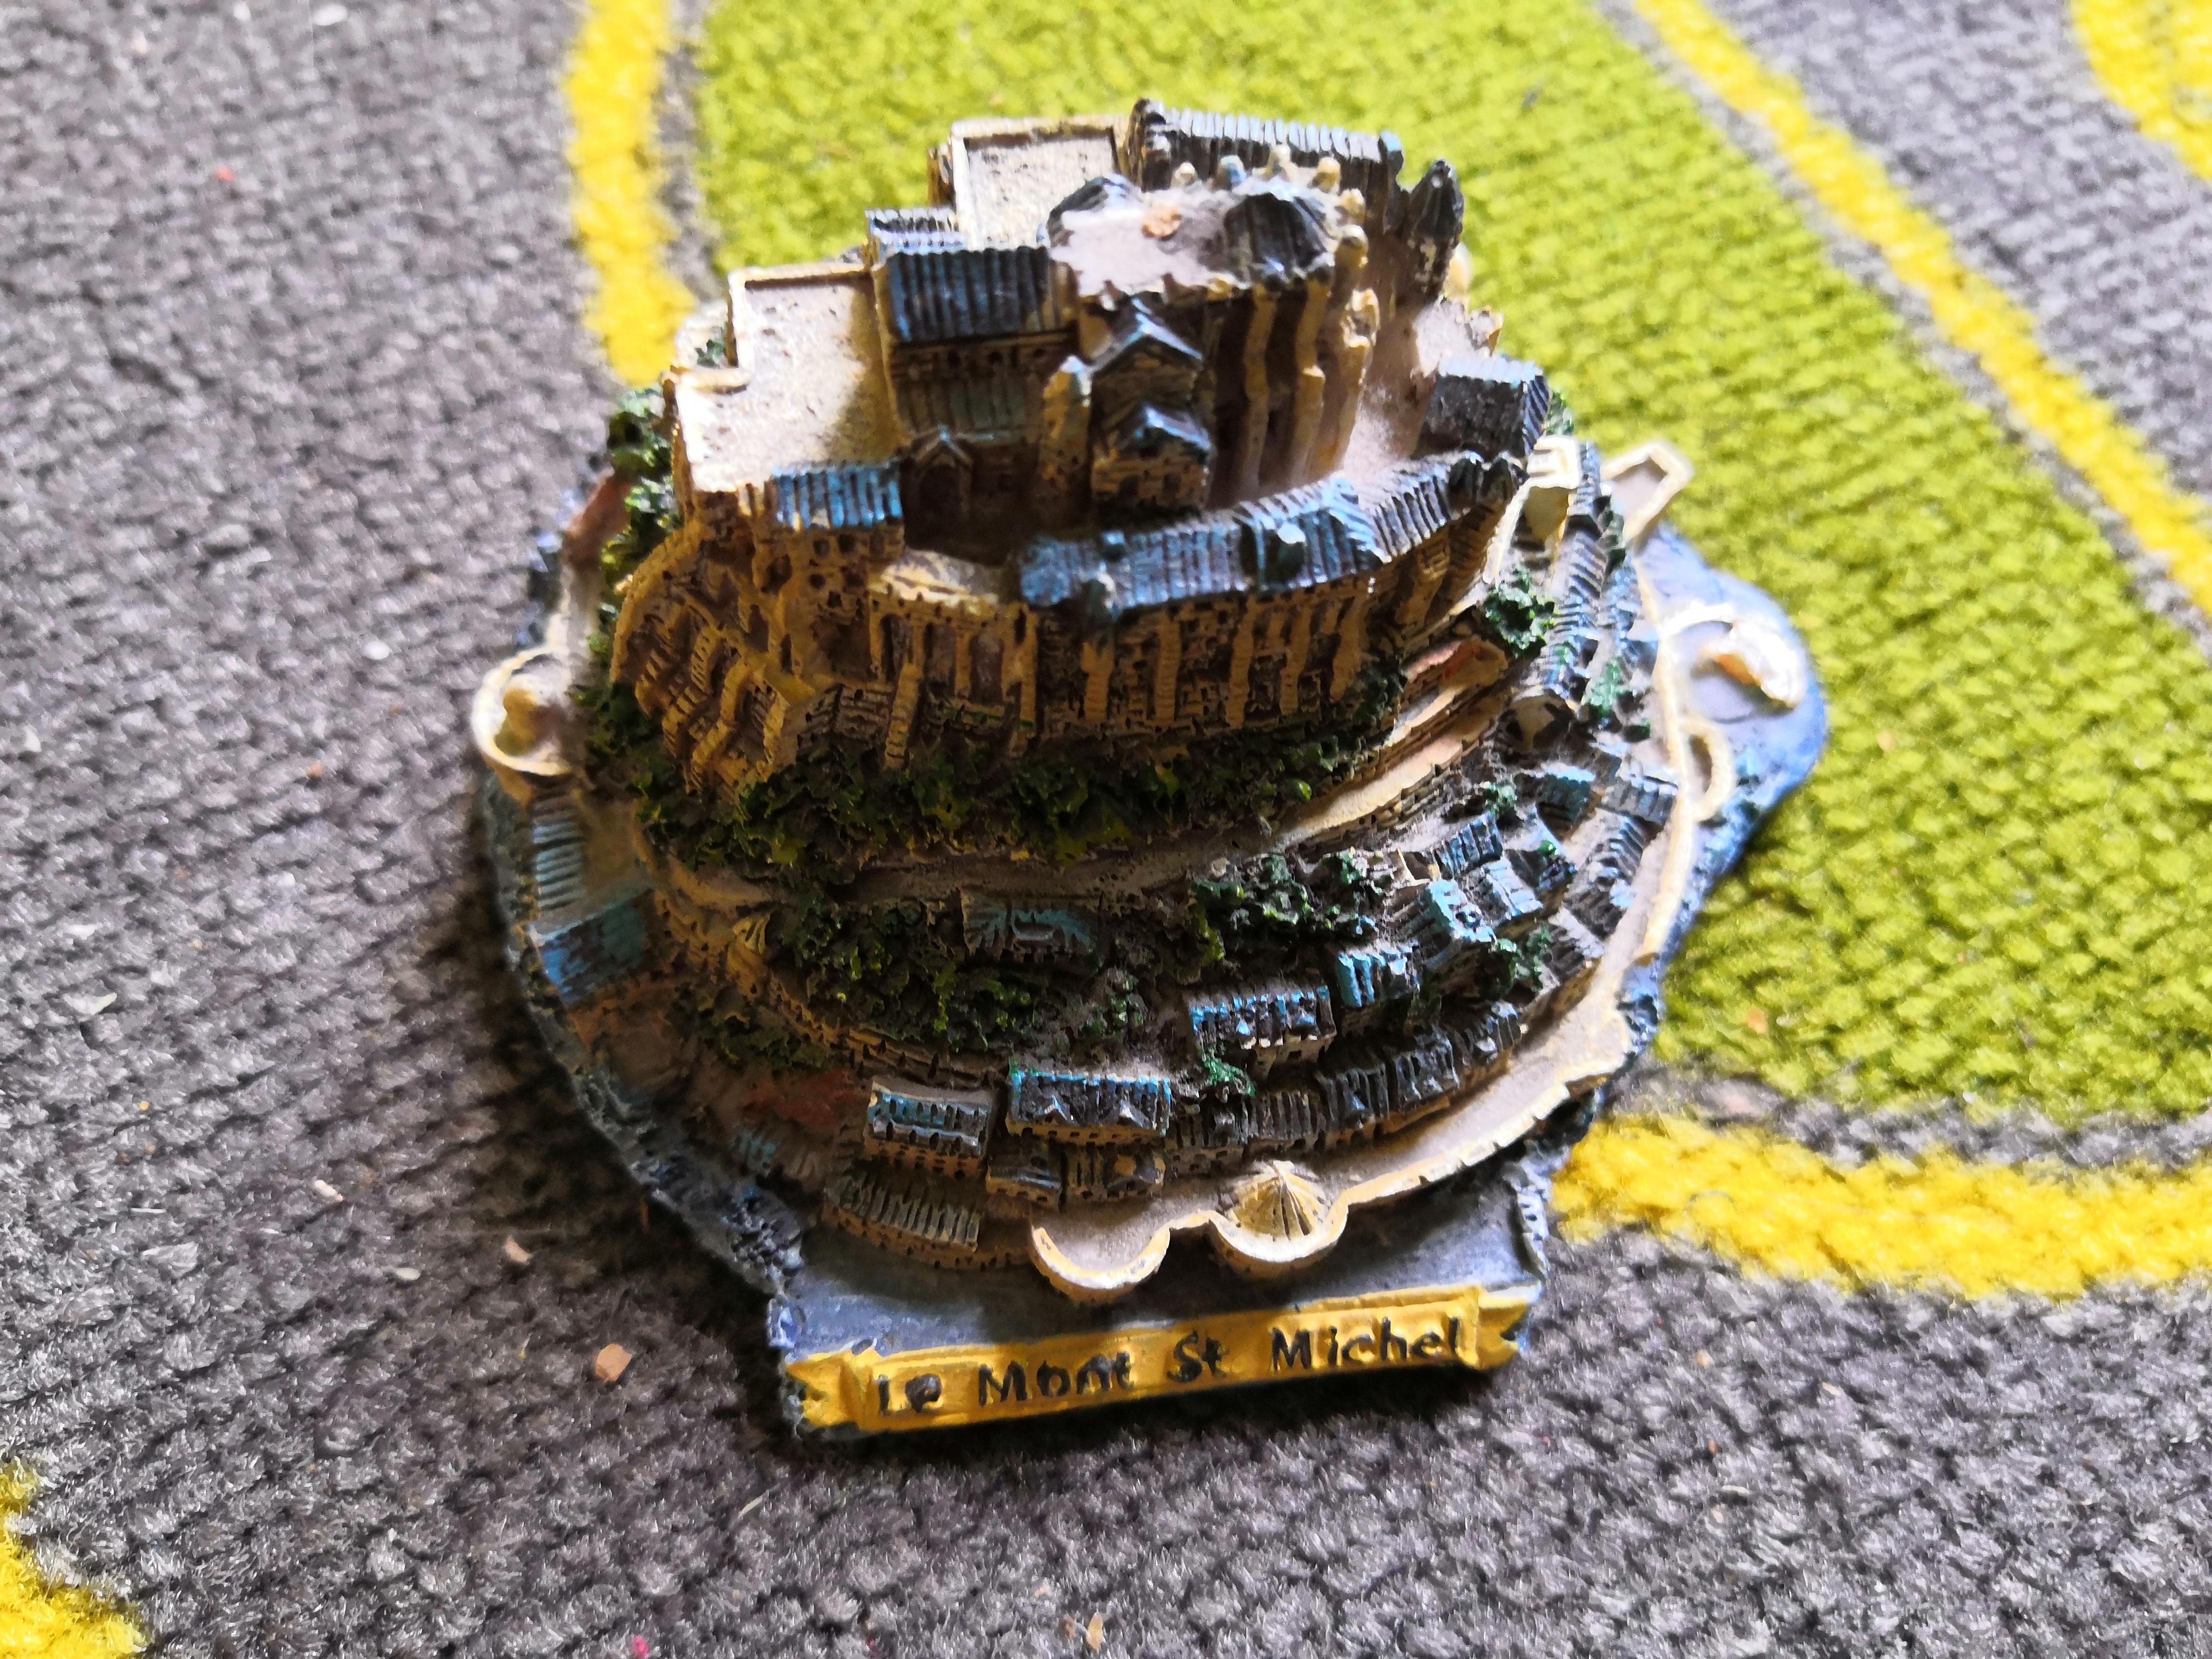 troc de troc miniature mont saint michel image 0